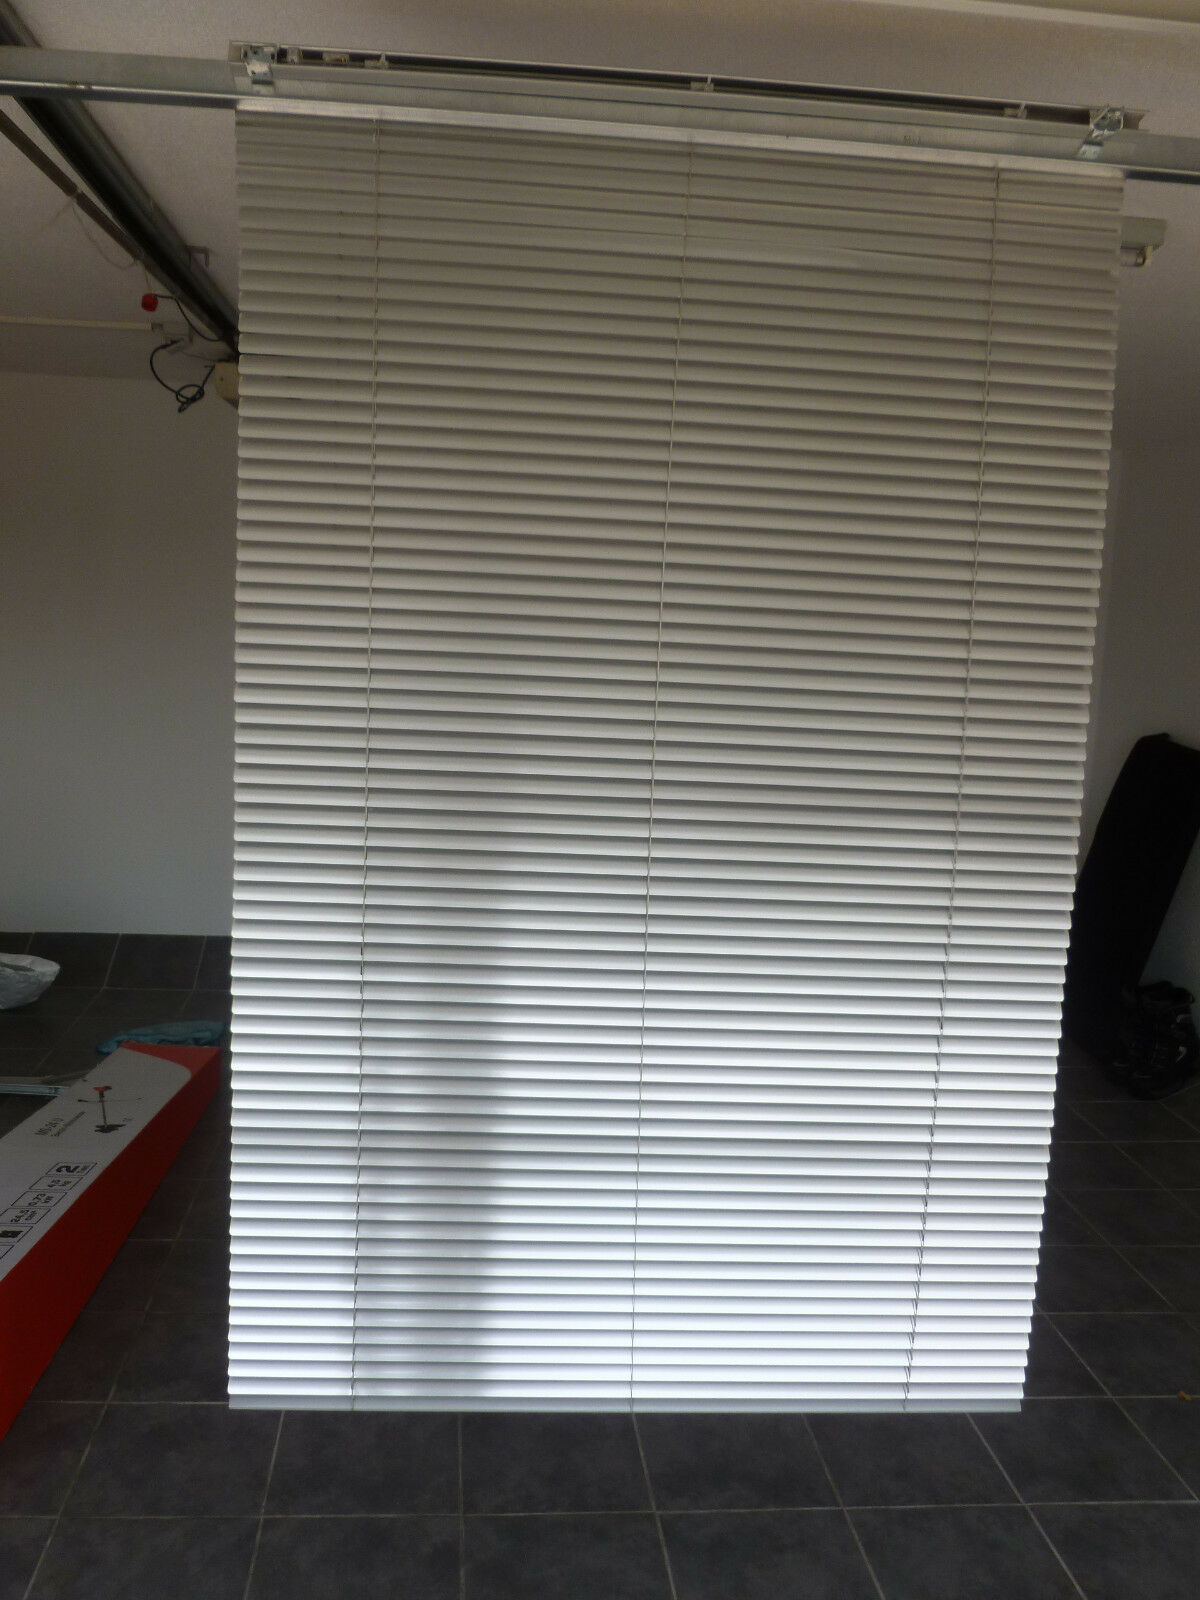 Alu Jalousie für Fenster, Innenbereich, H. 160 cm, B. 100 cm, grau,guter Zustand